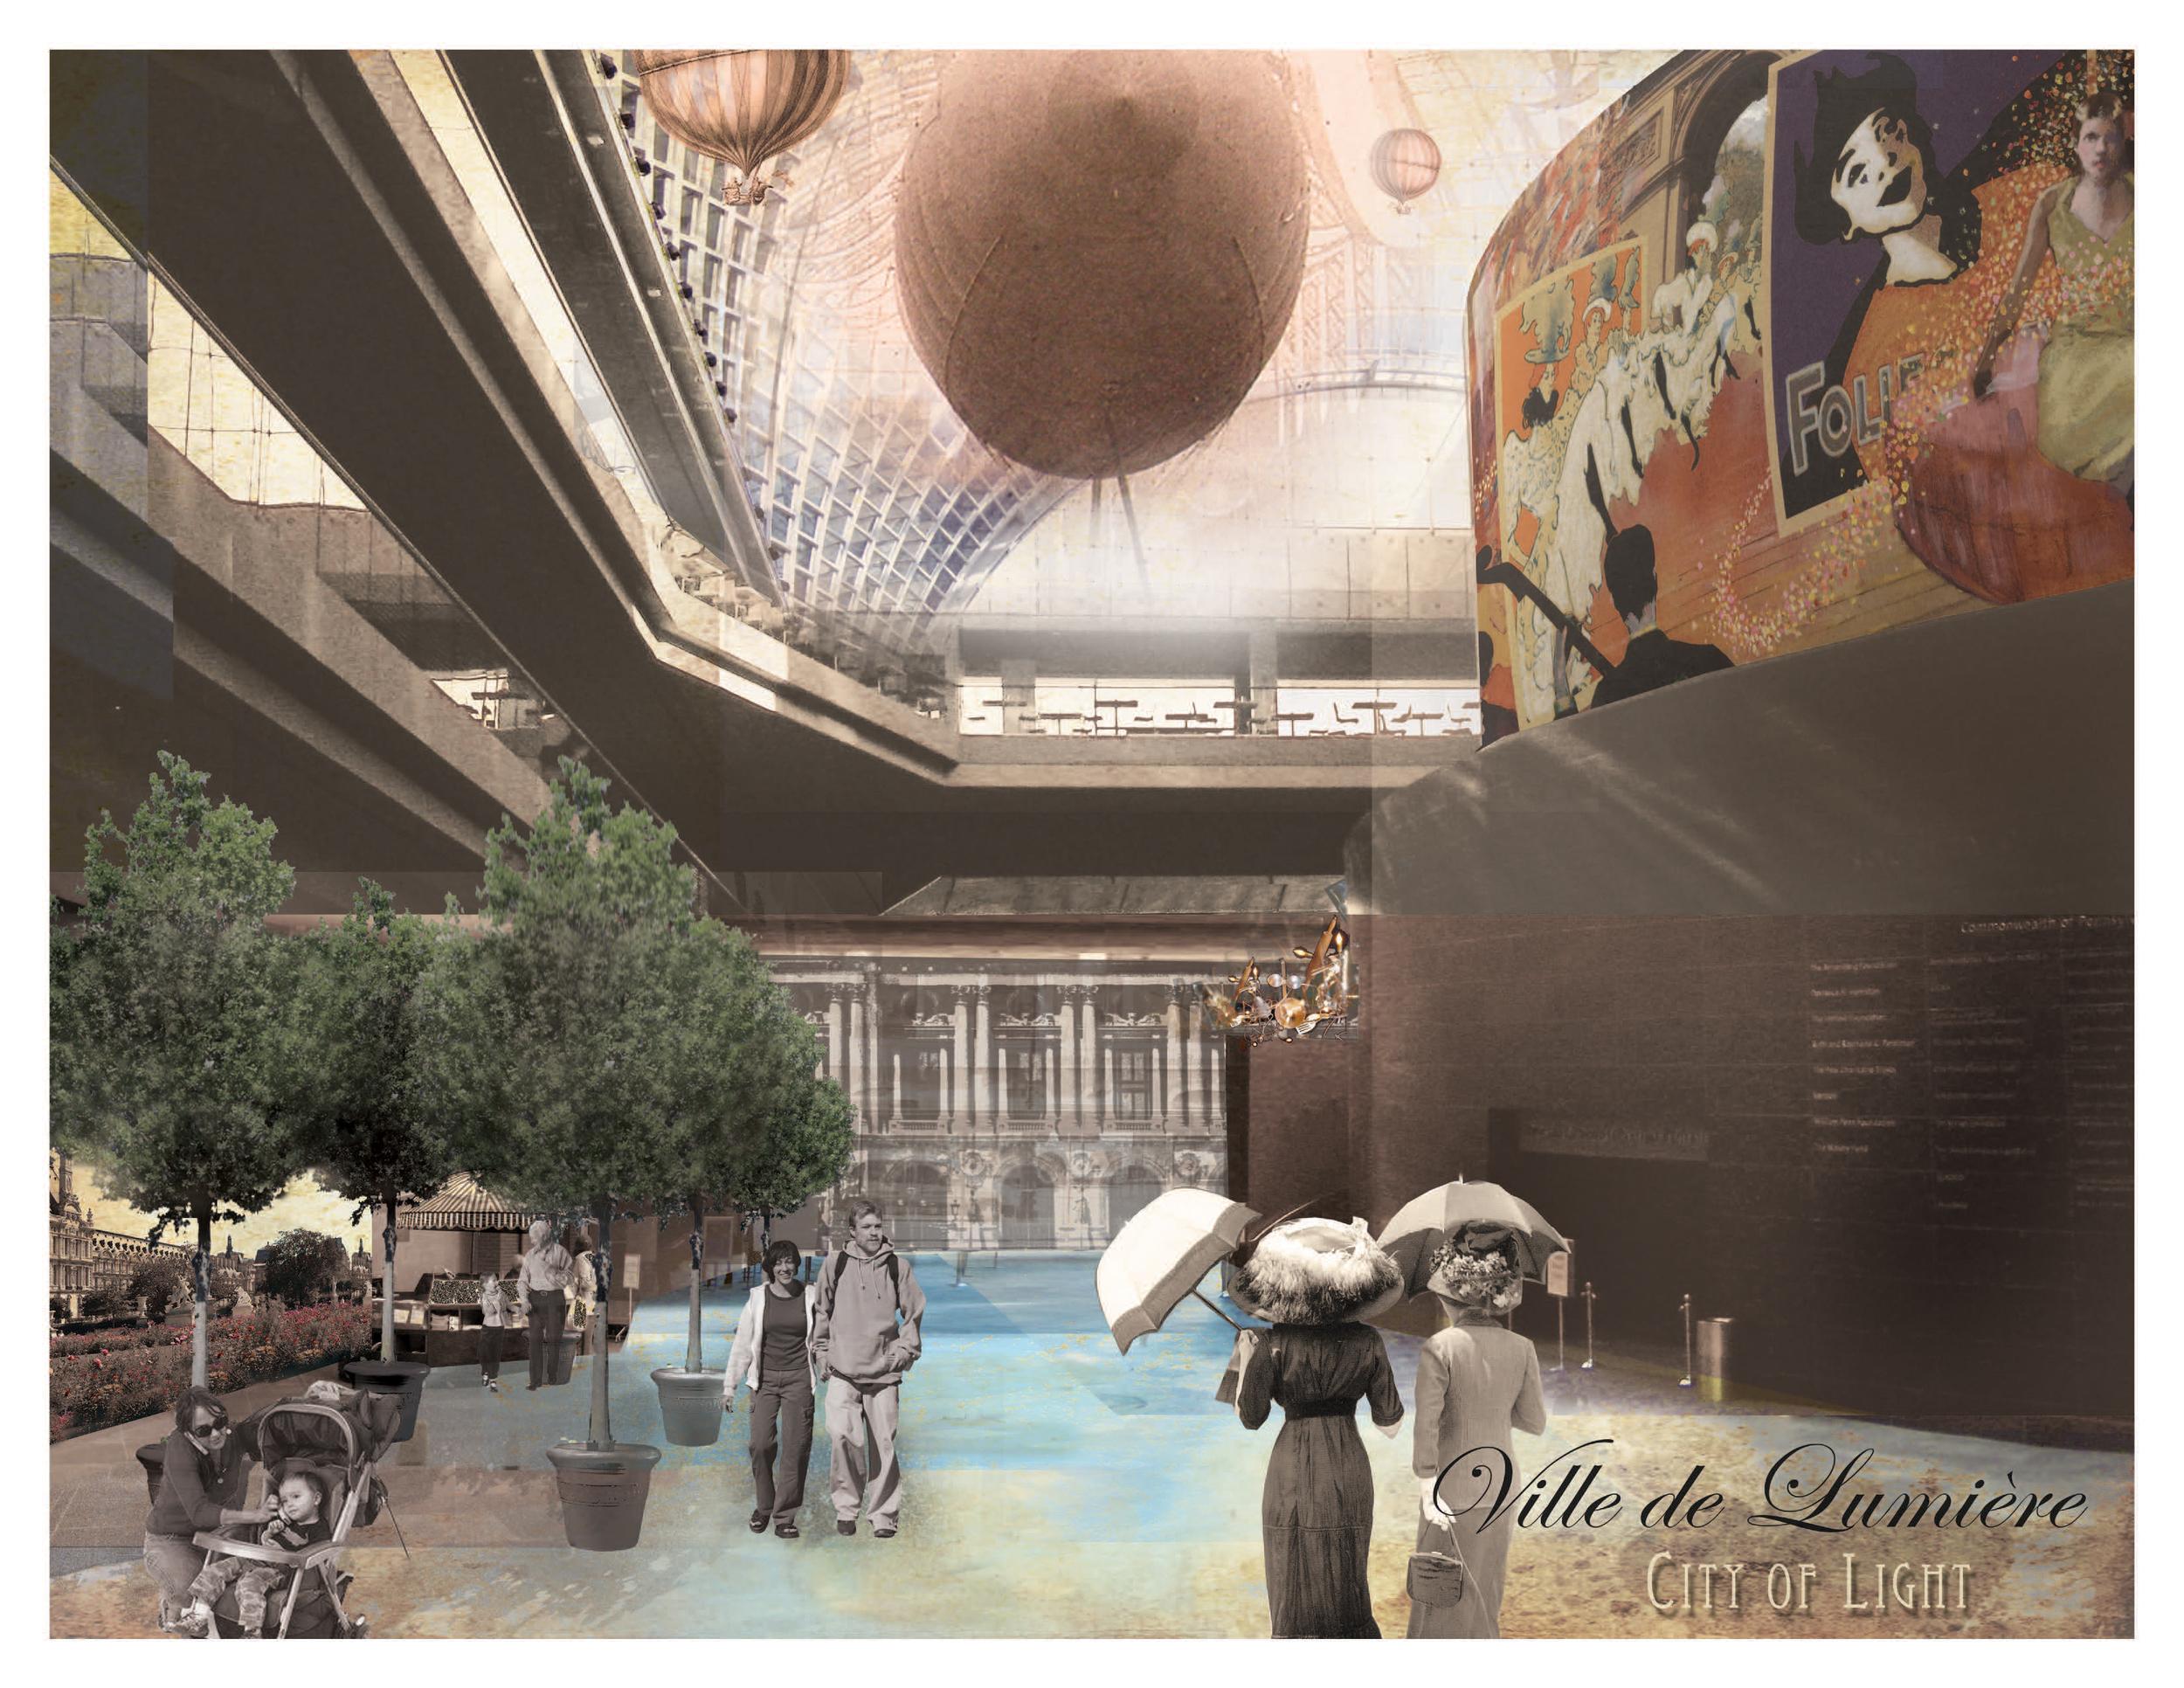 Ville de Lumiere for The Kimmel Center_Page_02a.jpg